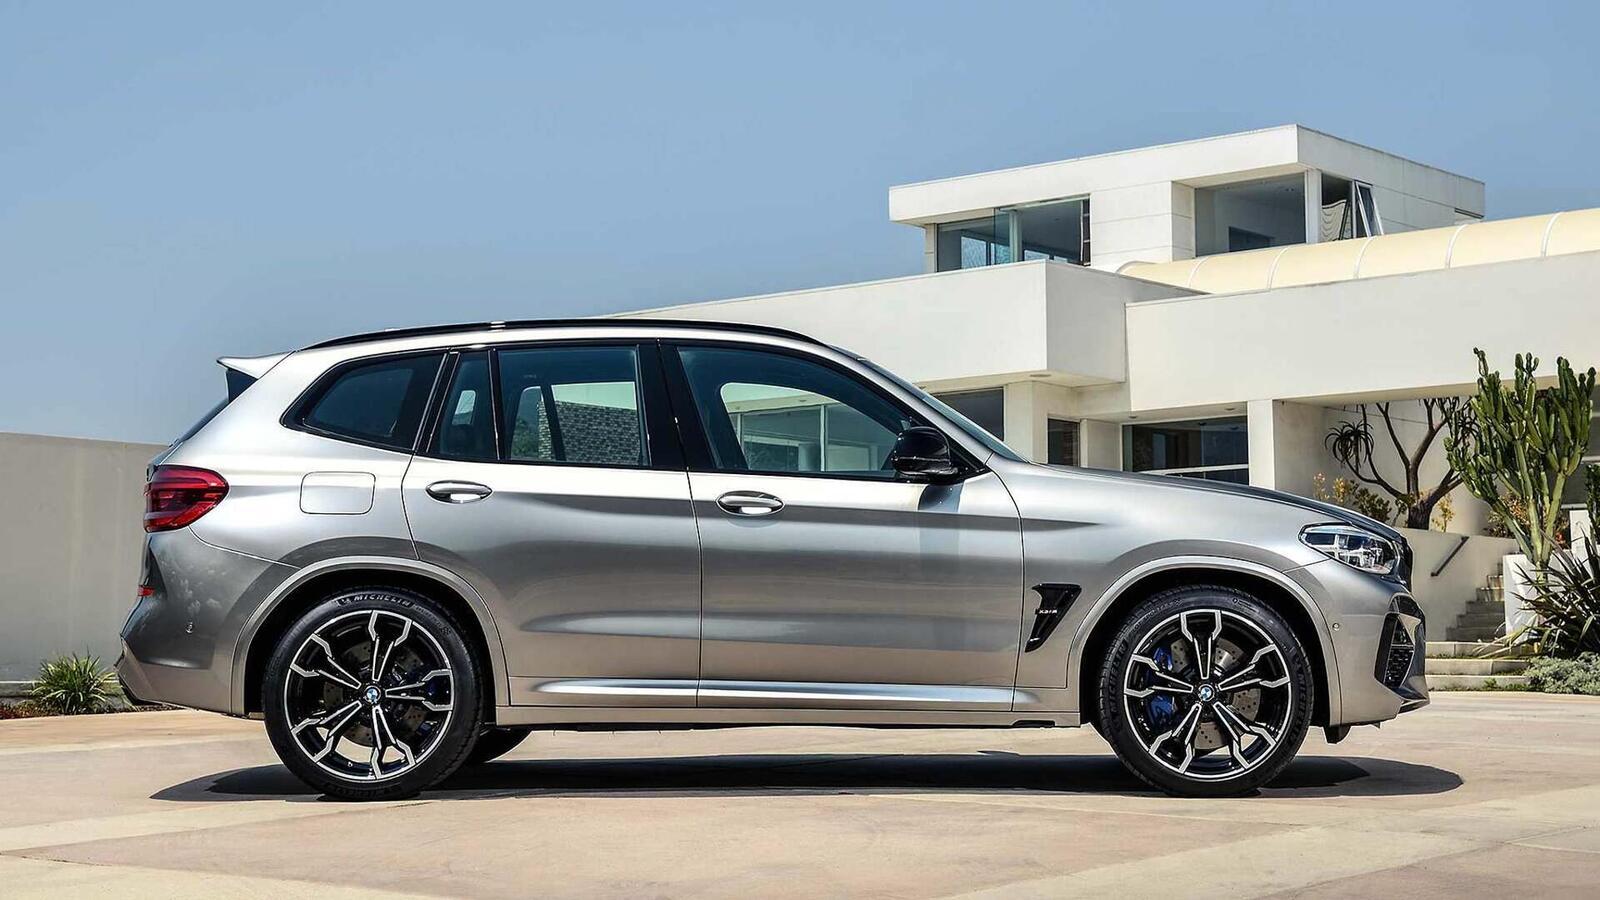 BMW X3 M và X4 M 2020 chính thức ra mắt: Mang trong mình sức mạnh từ 473 - 503 mã lực - Hình 20